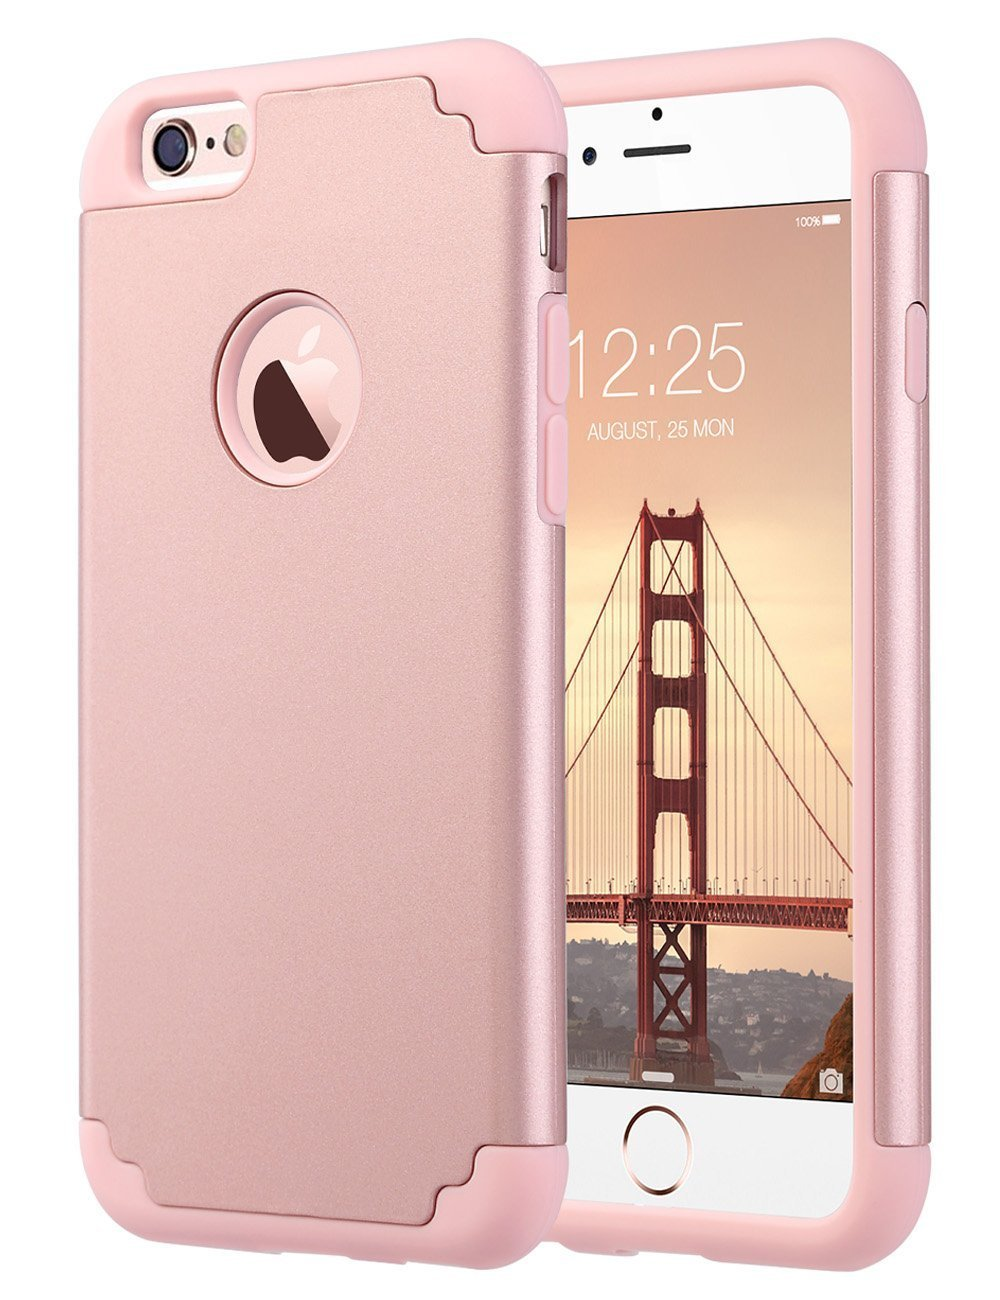 iphone 6 case uk